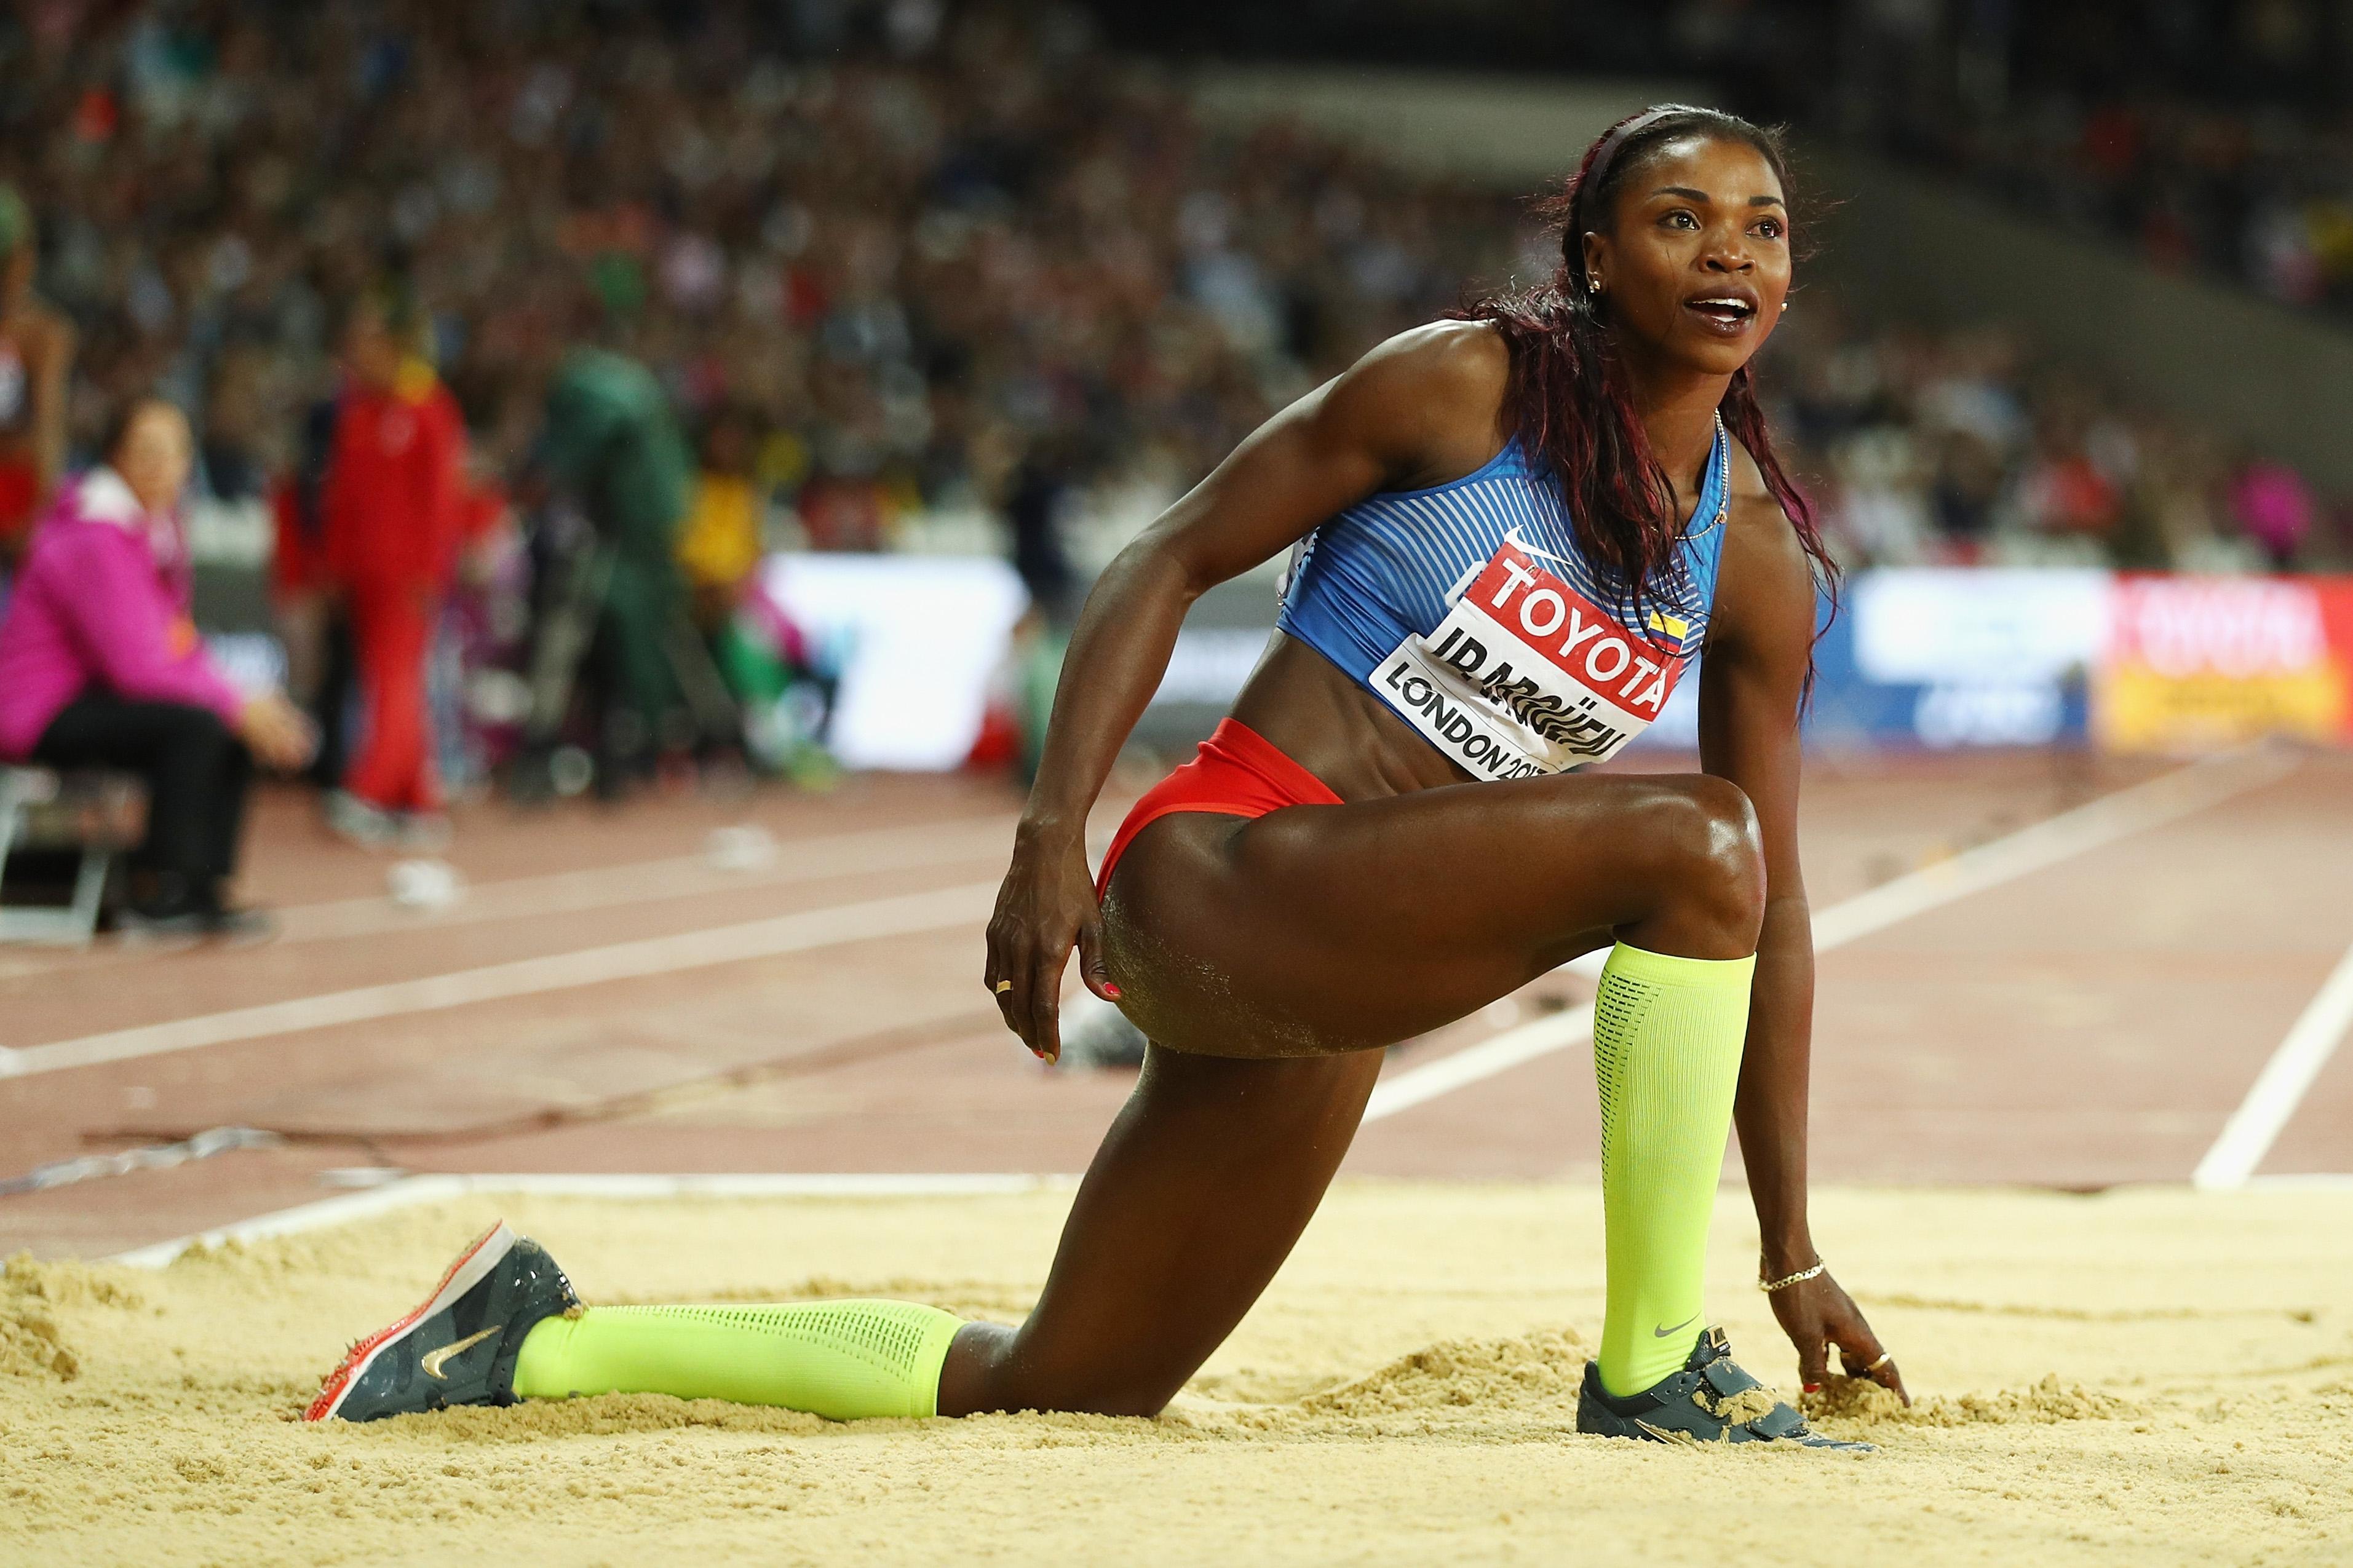 Олимпийската шампионка от Рио де Жанейро 2016 и световна от